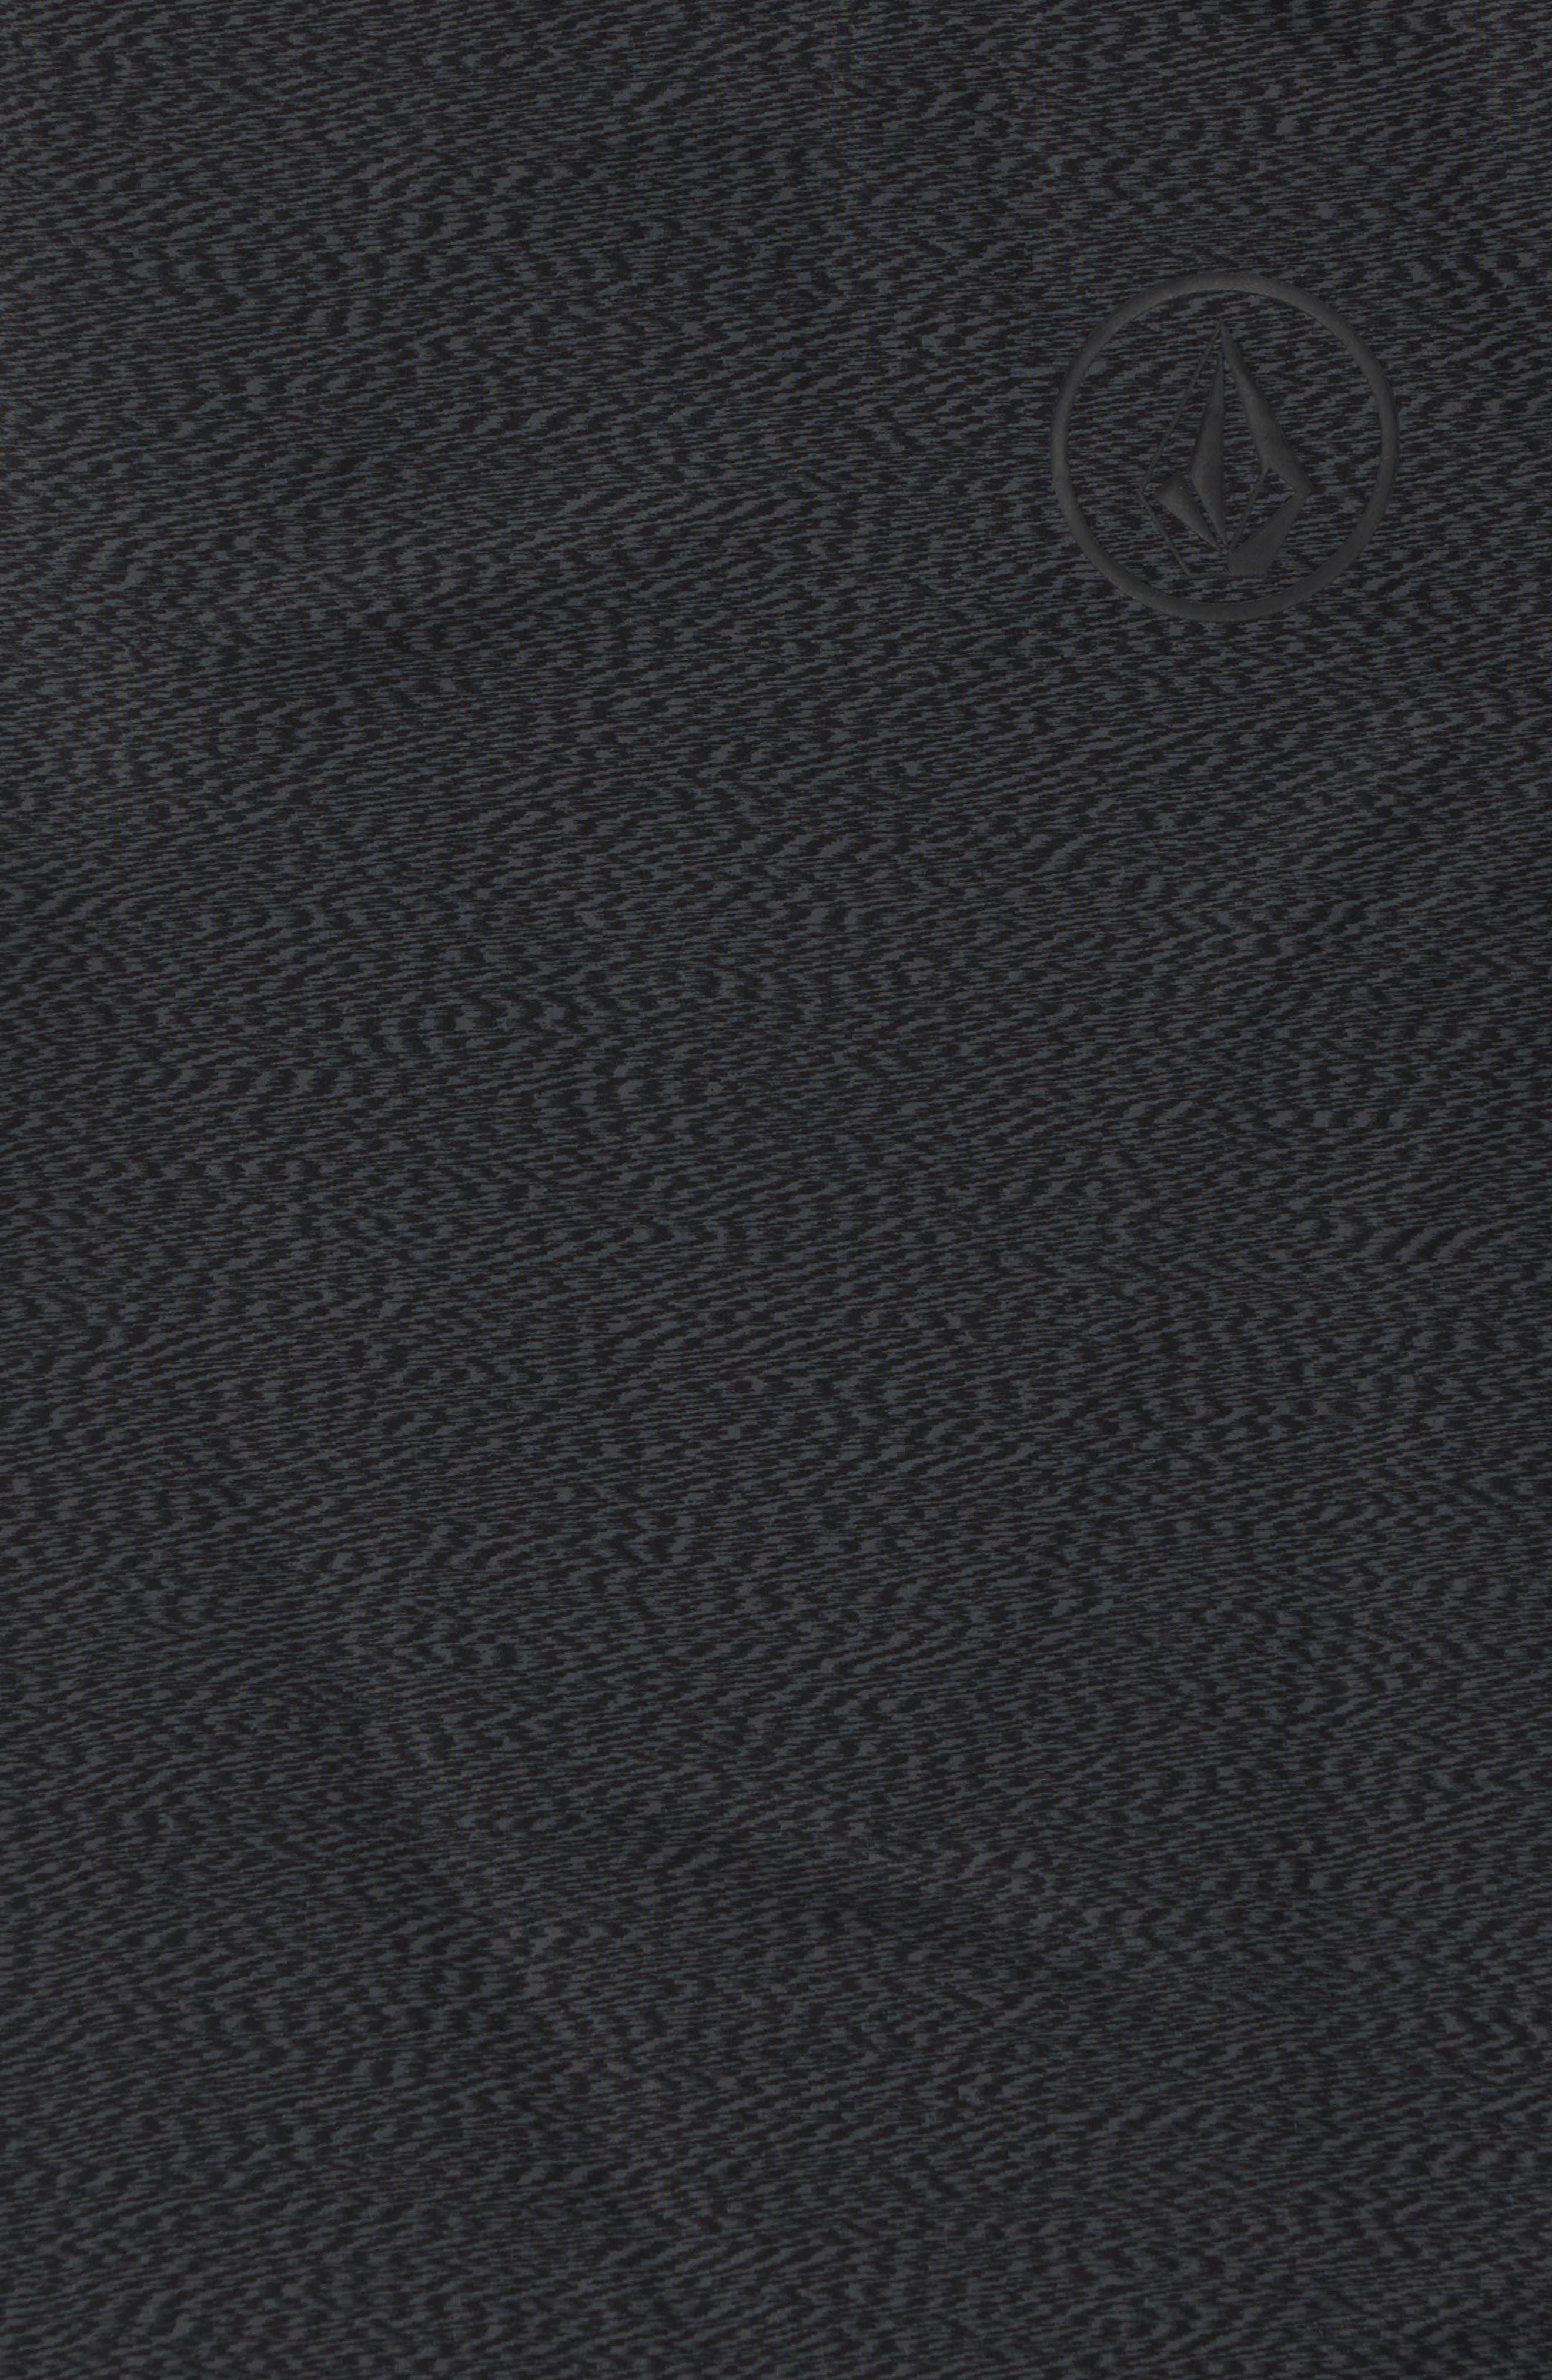 Thrashguard Distortion Rashguard,                             Main thumbnail 1, color,                             021